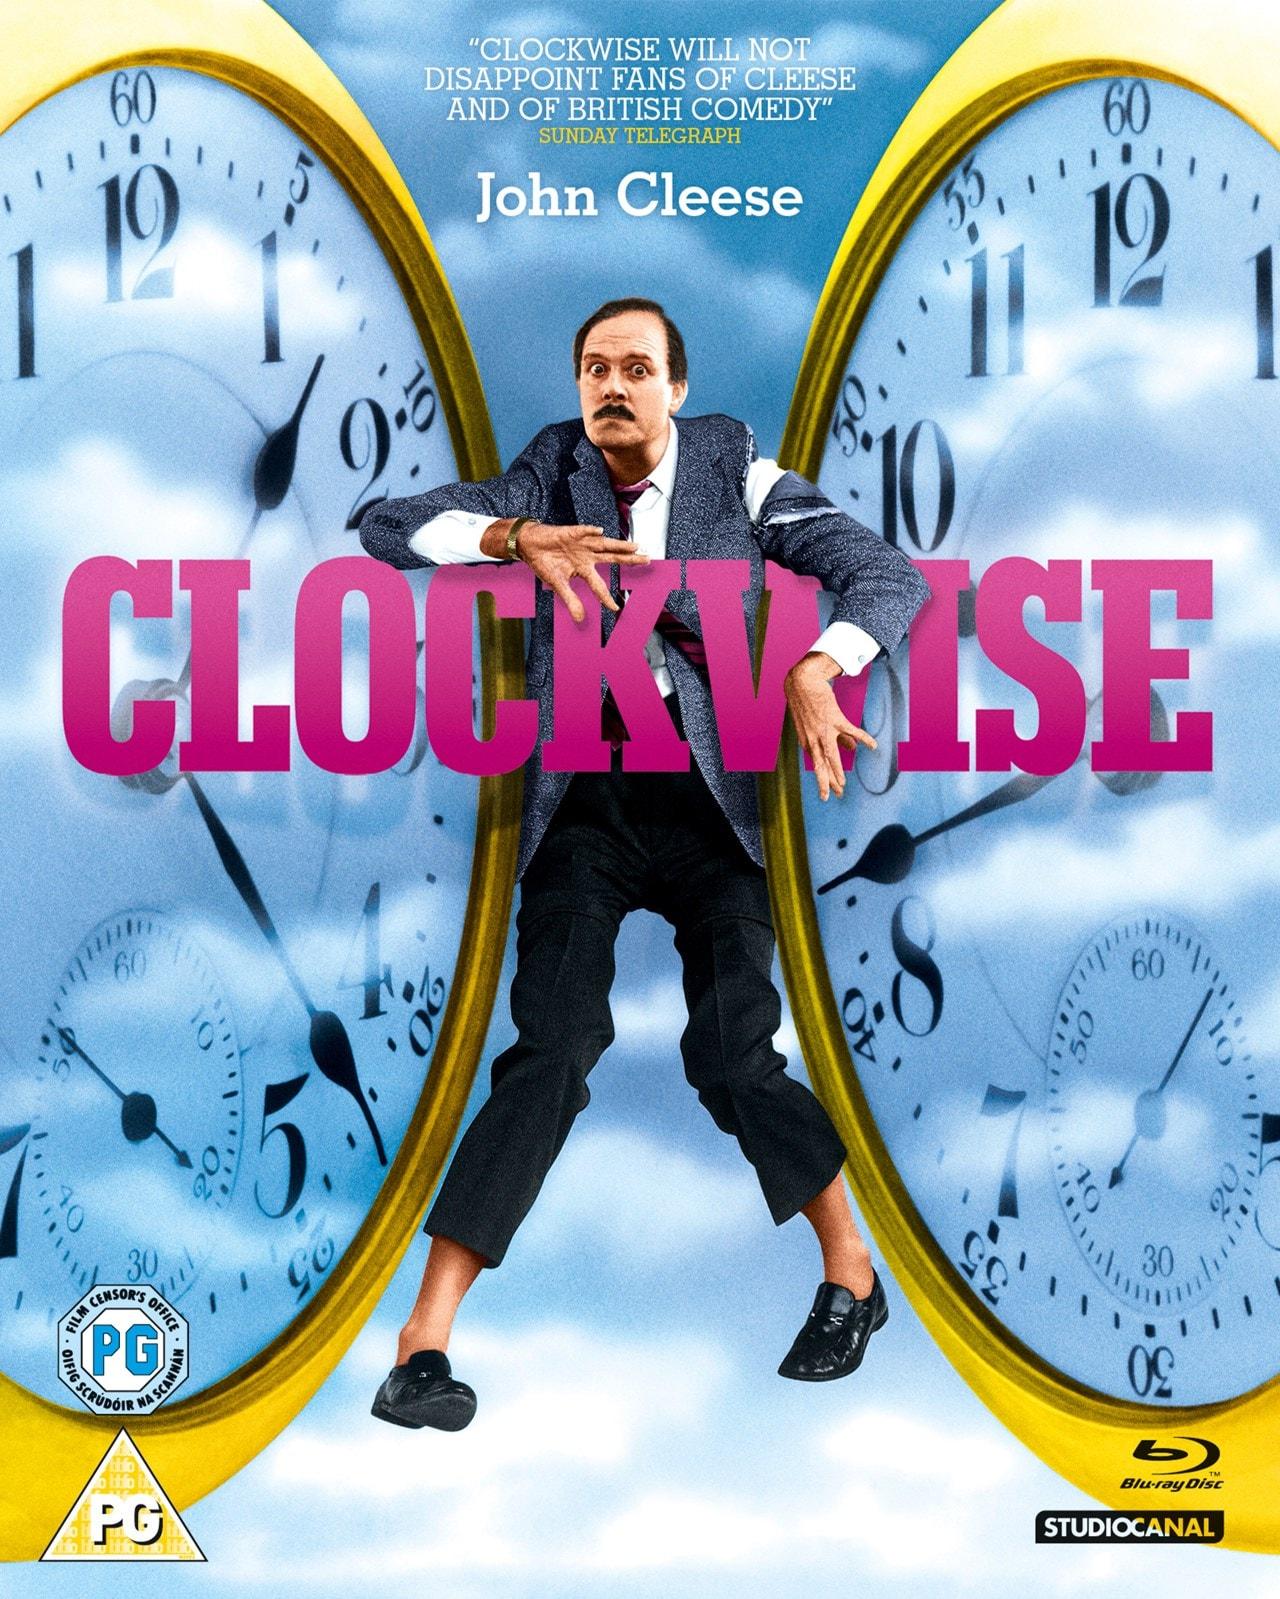 Clockwise - 1